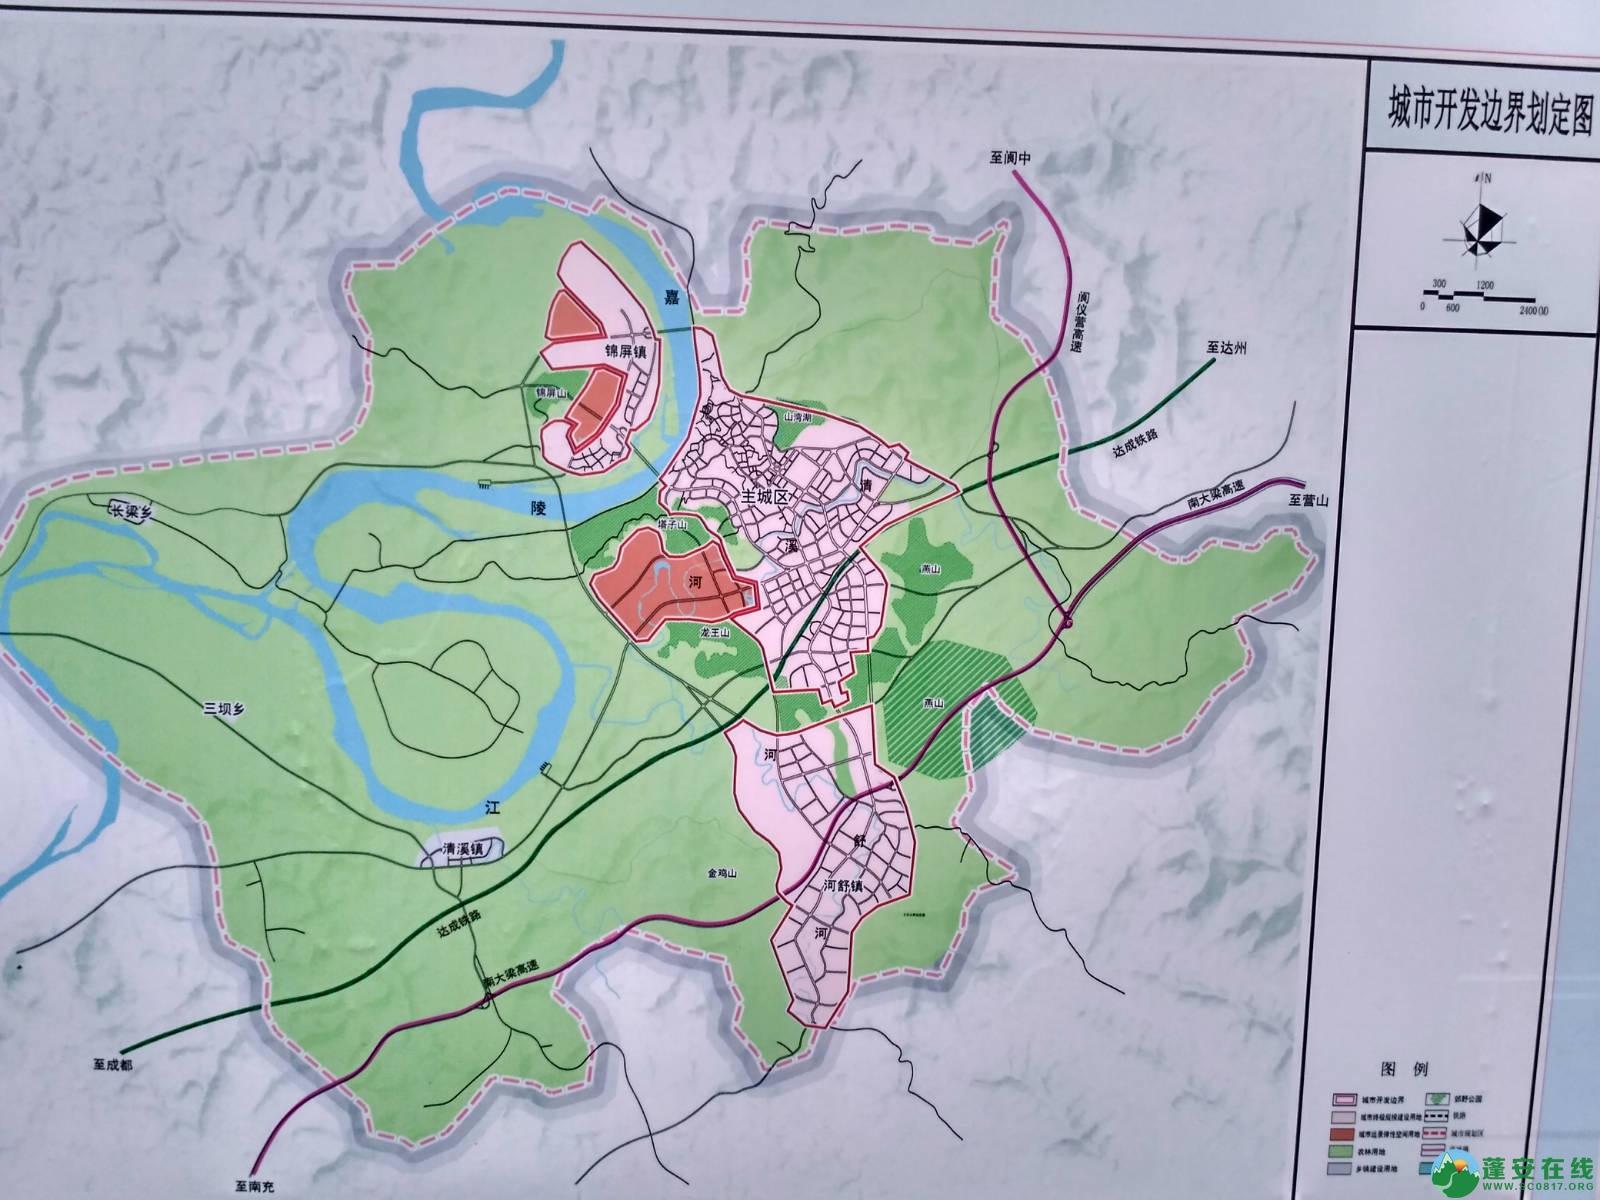 蓬安县2015年-2030年最新城市总体规划公示 - 第8张  | 蓬安在线